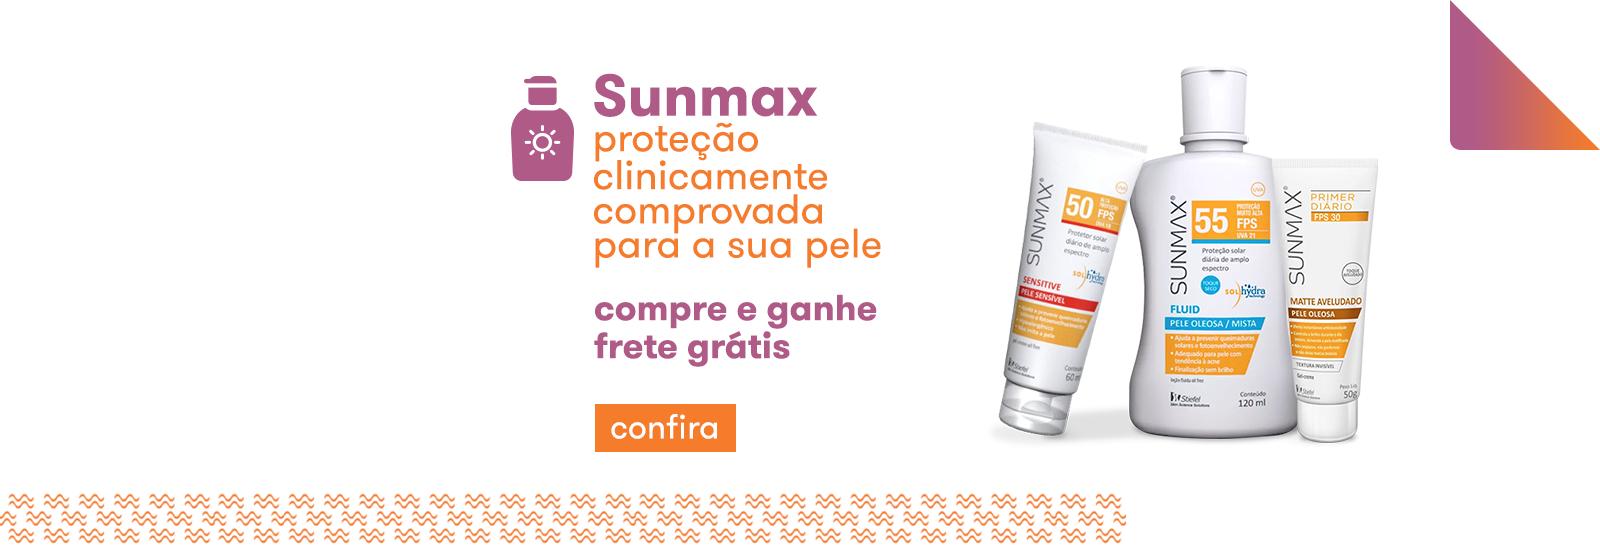 Sunmax_Frete_Gratis_